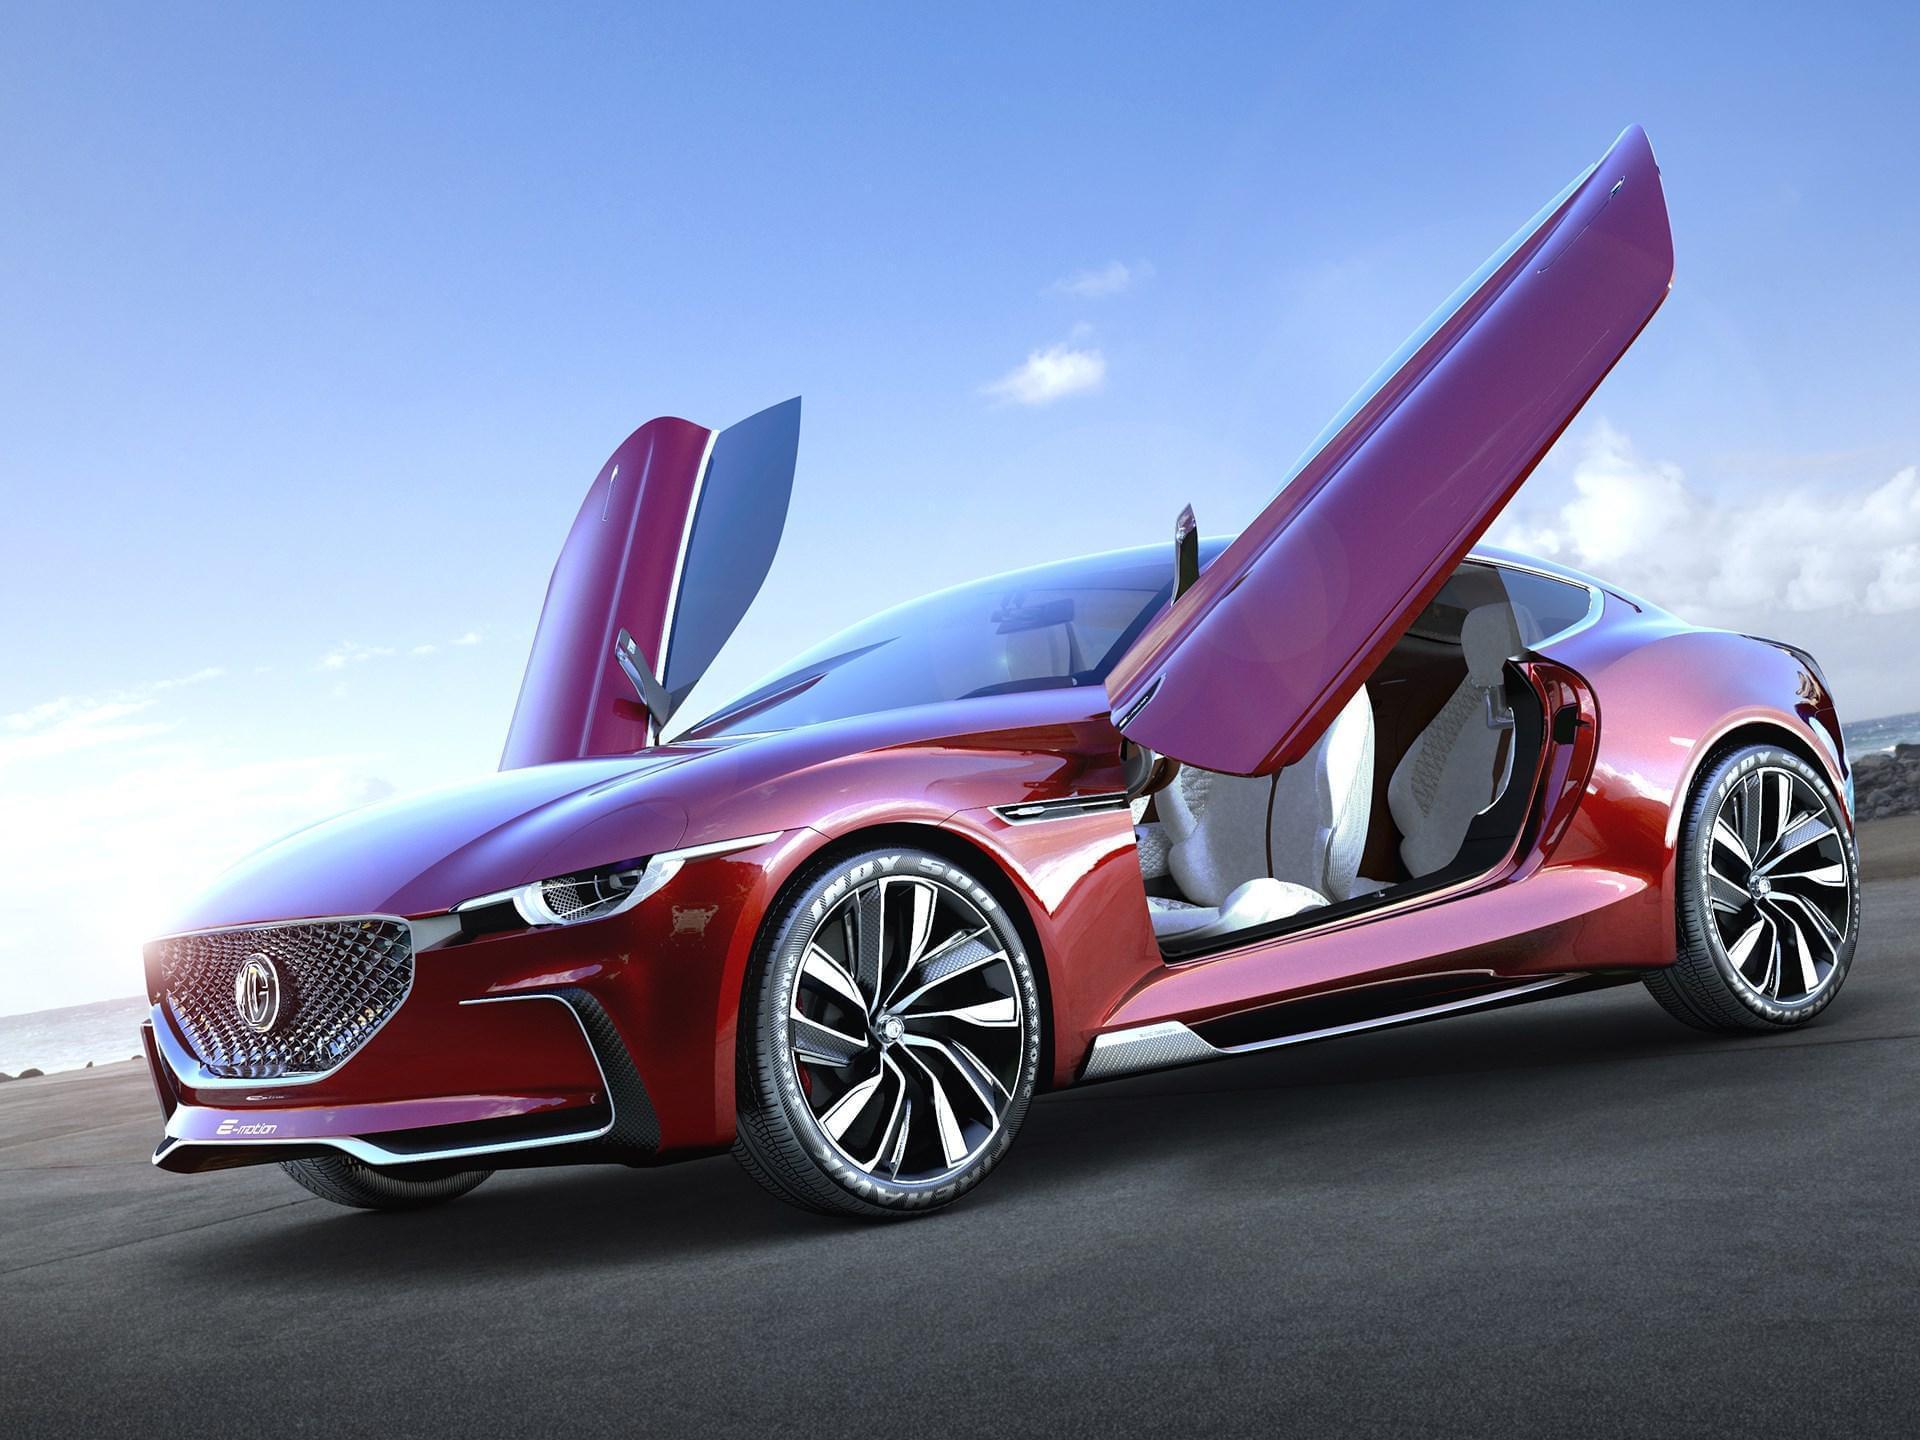 上海车展发布的E-motion概念车